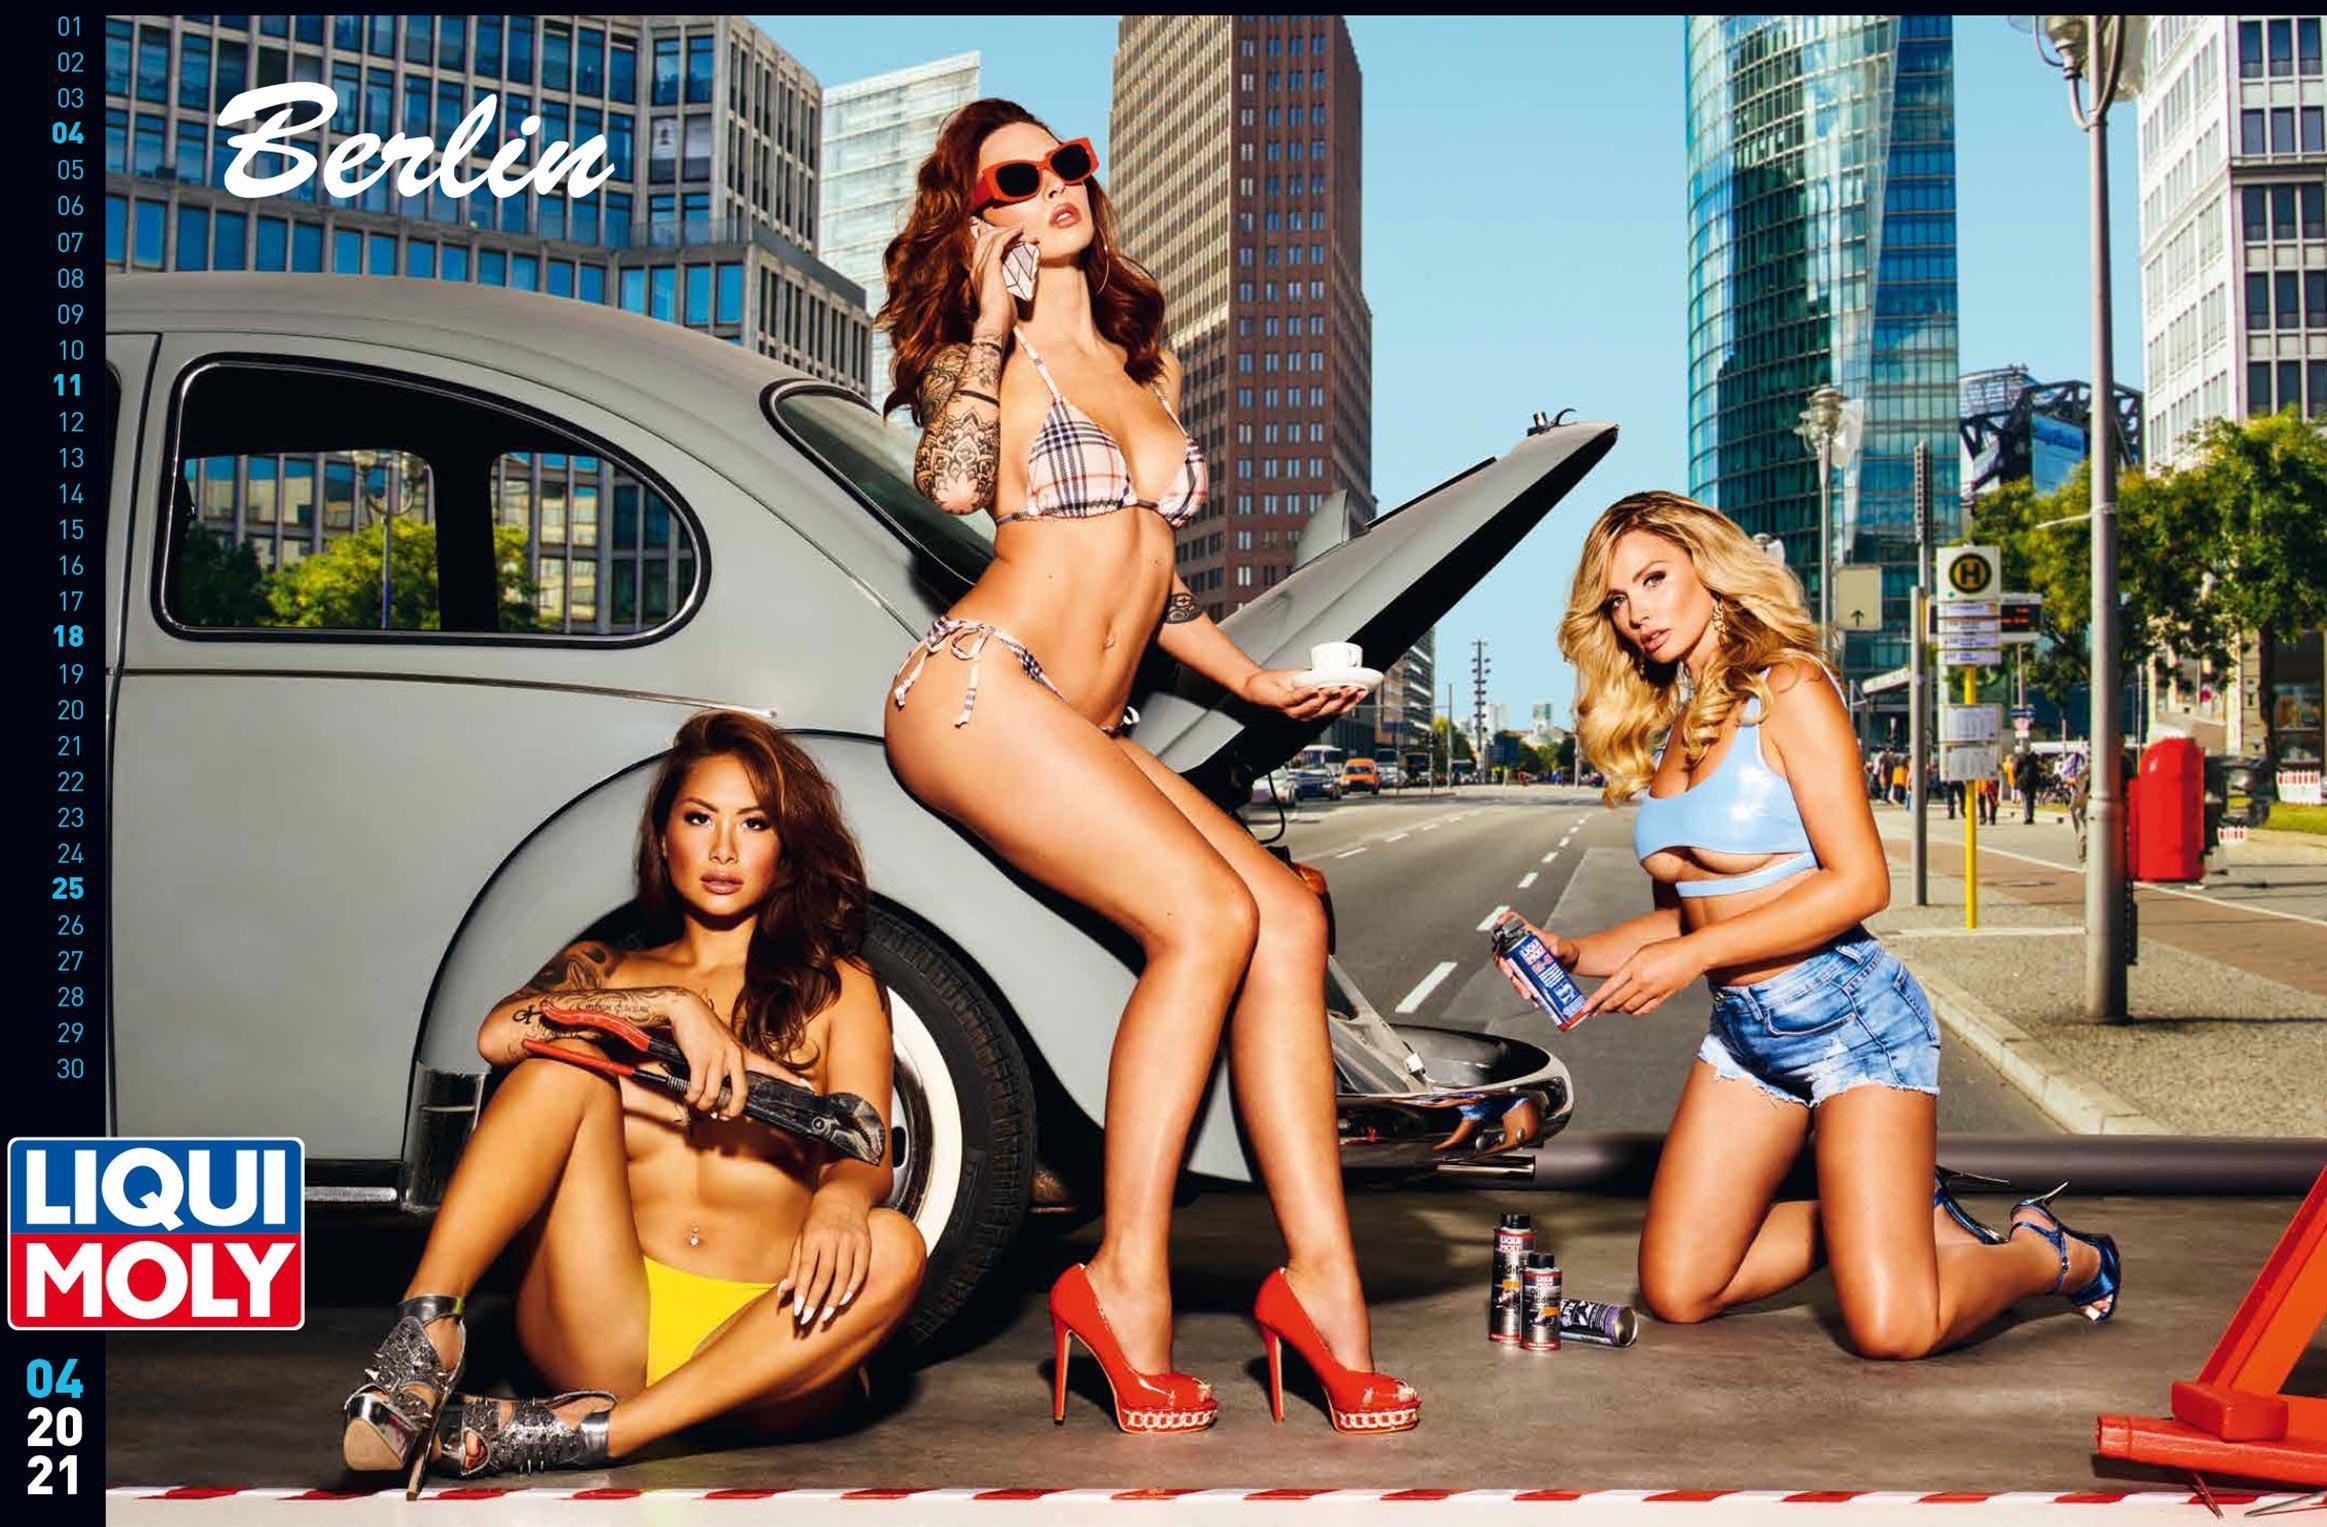 Фирменный календарь с девушками автоконцерна Liqui Moly на 2021 год / апрель 2021